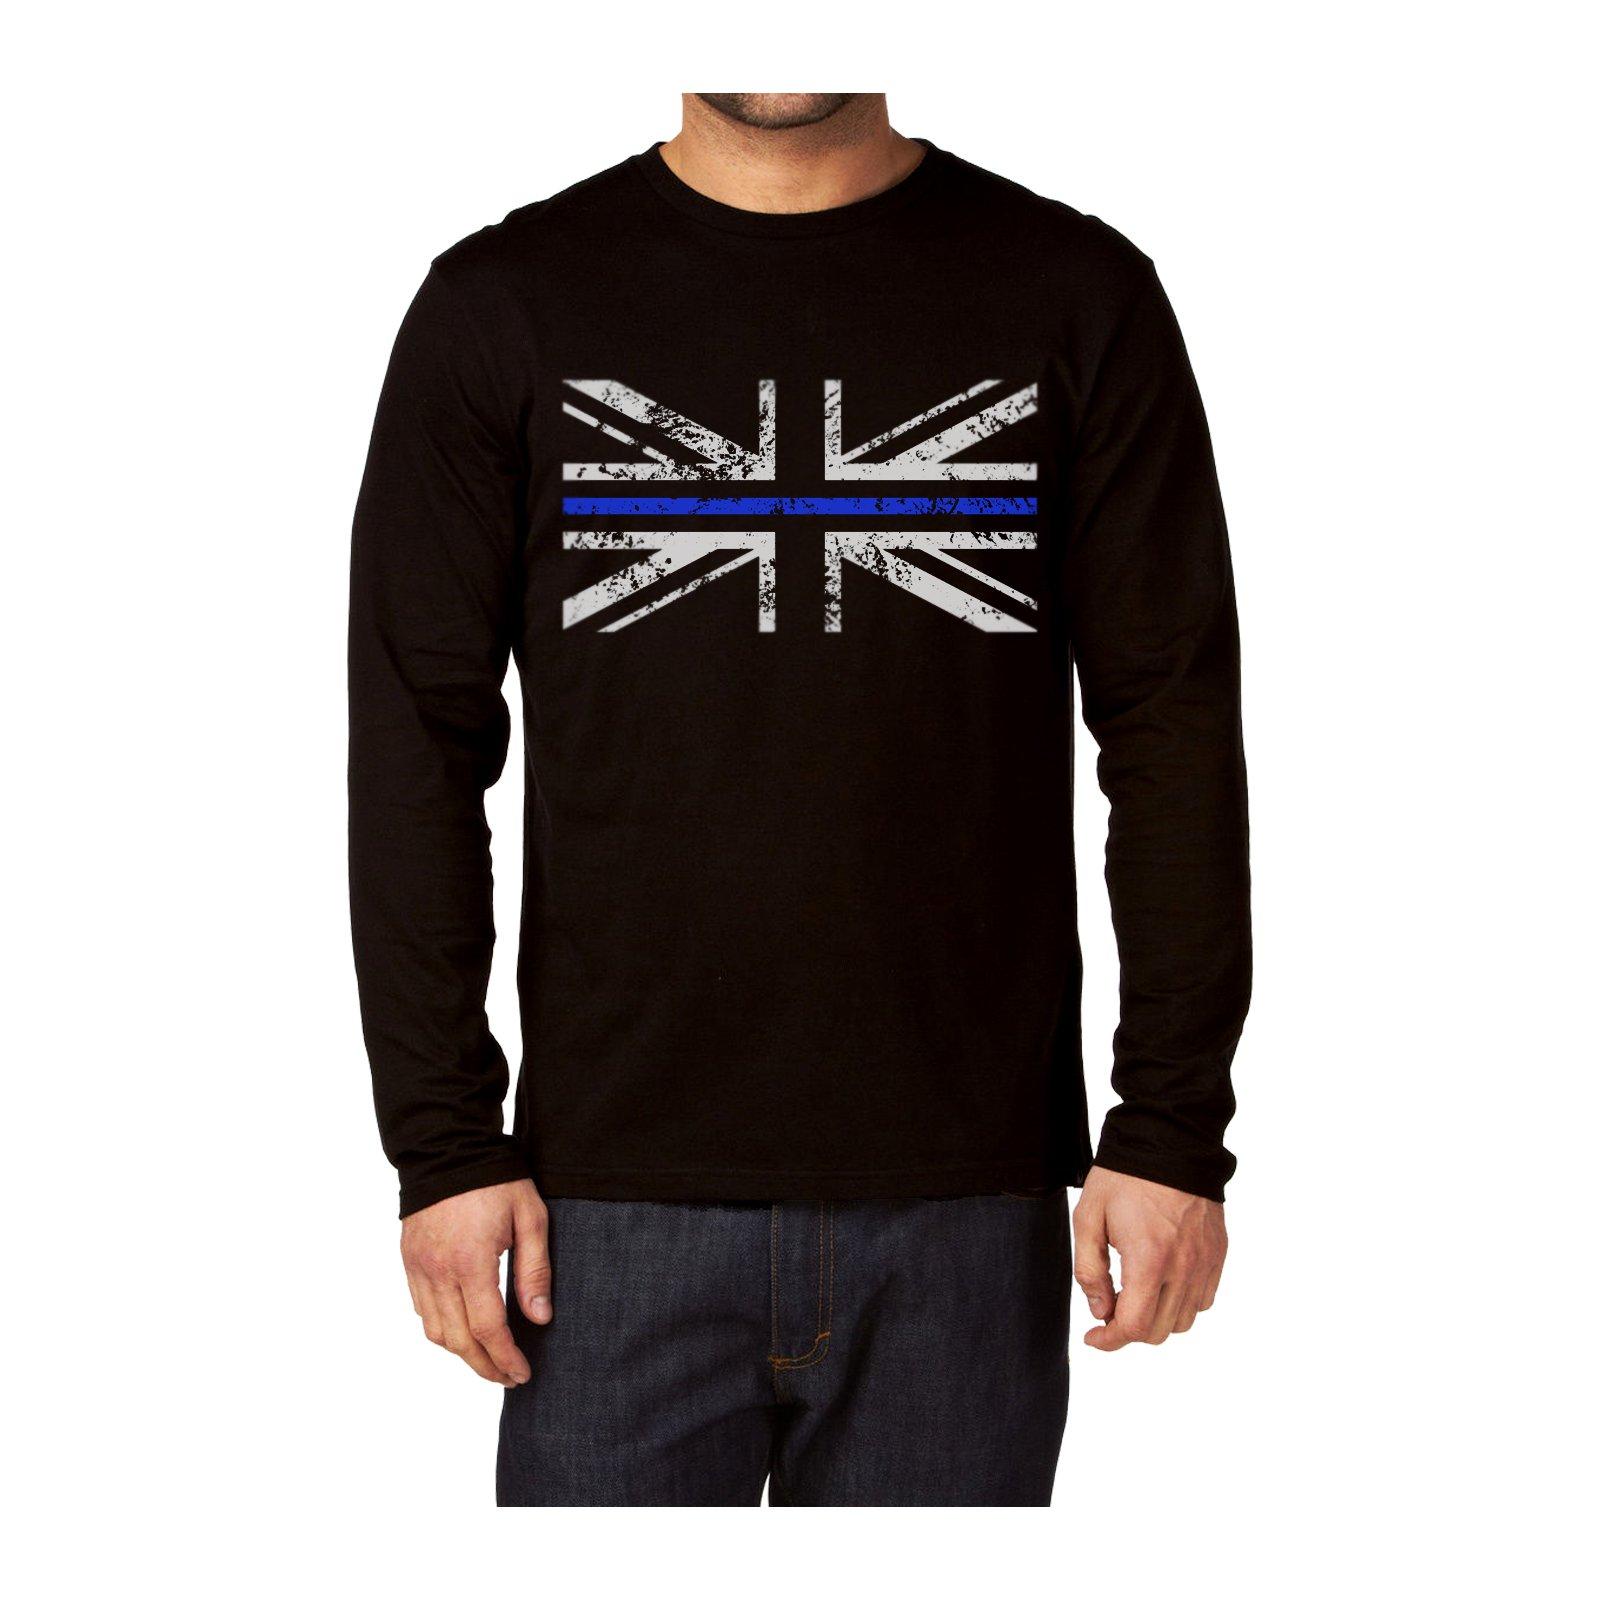 Delgada línea azul Policía Union Jack Camiseta de manga larga, algodón, negro, Small: Amazon.es: Ropa y accesorios